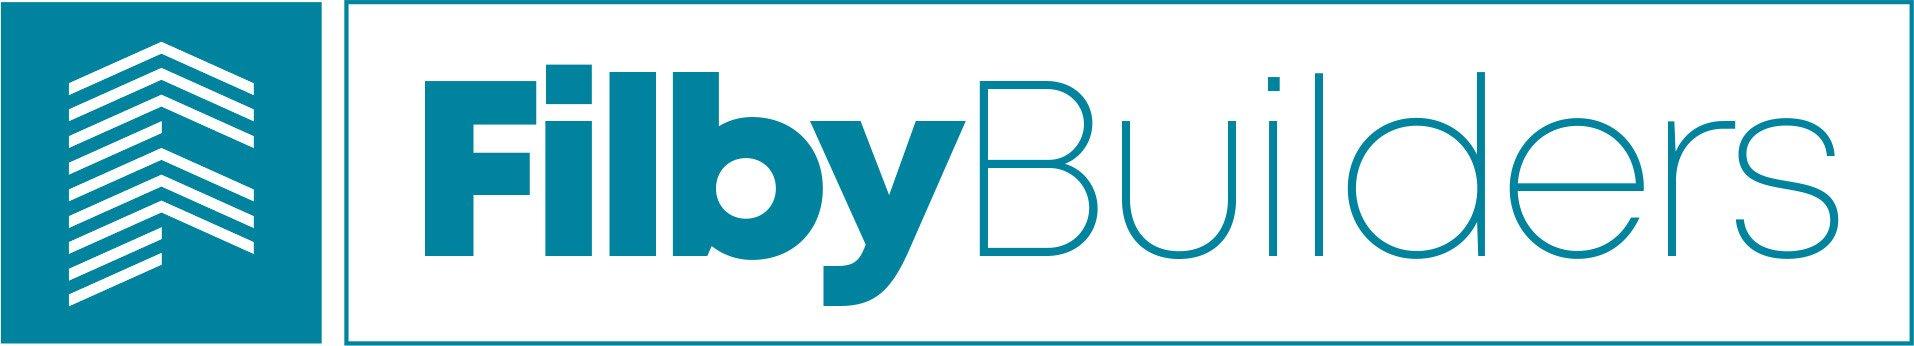 Tidal Studios | Filby Builders logo design